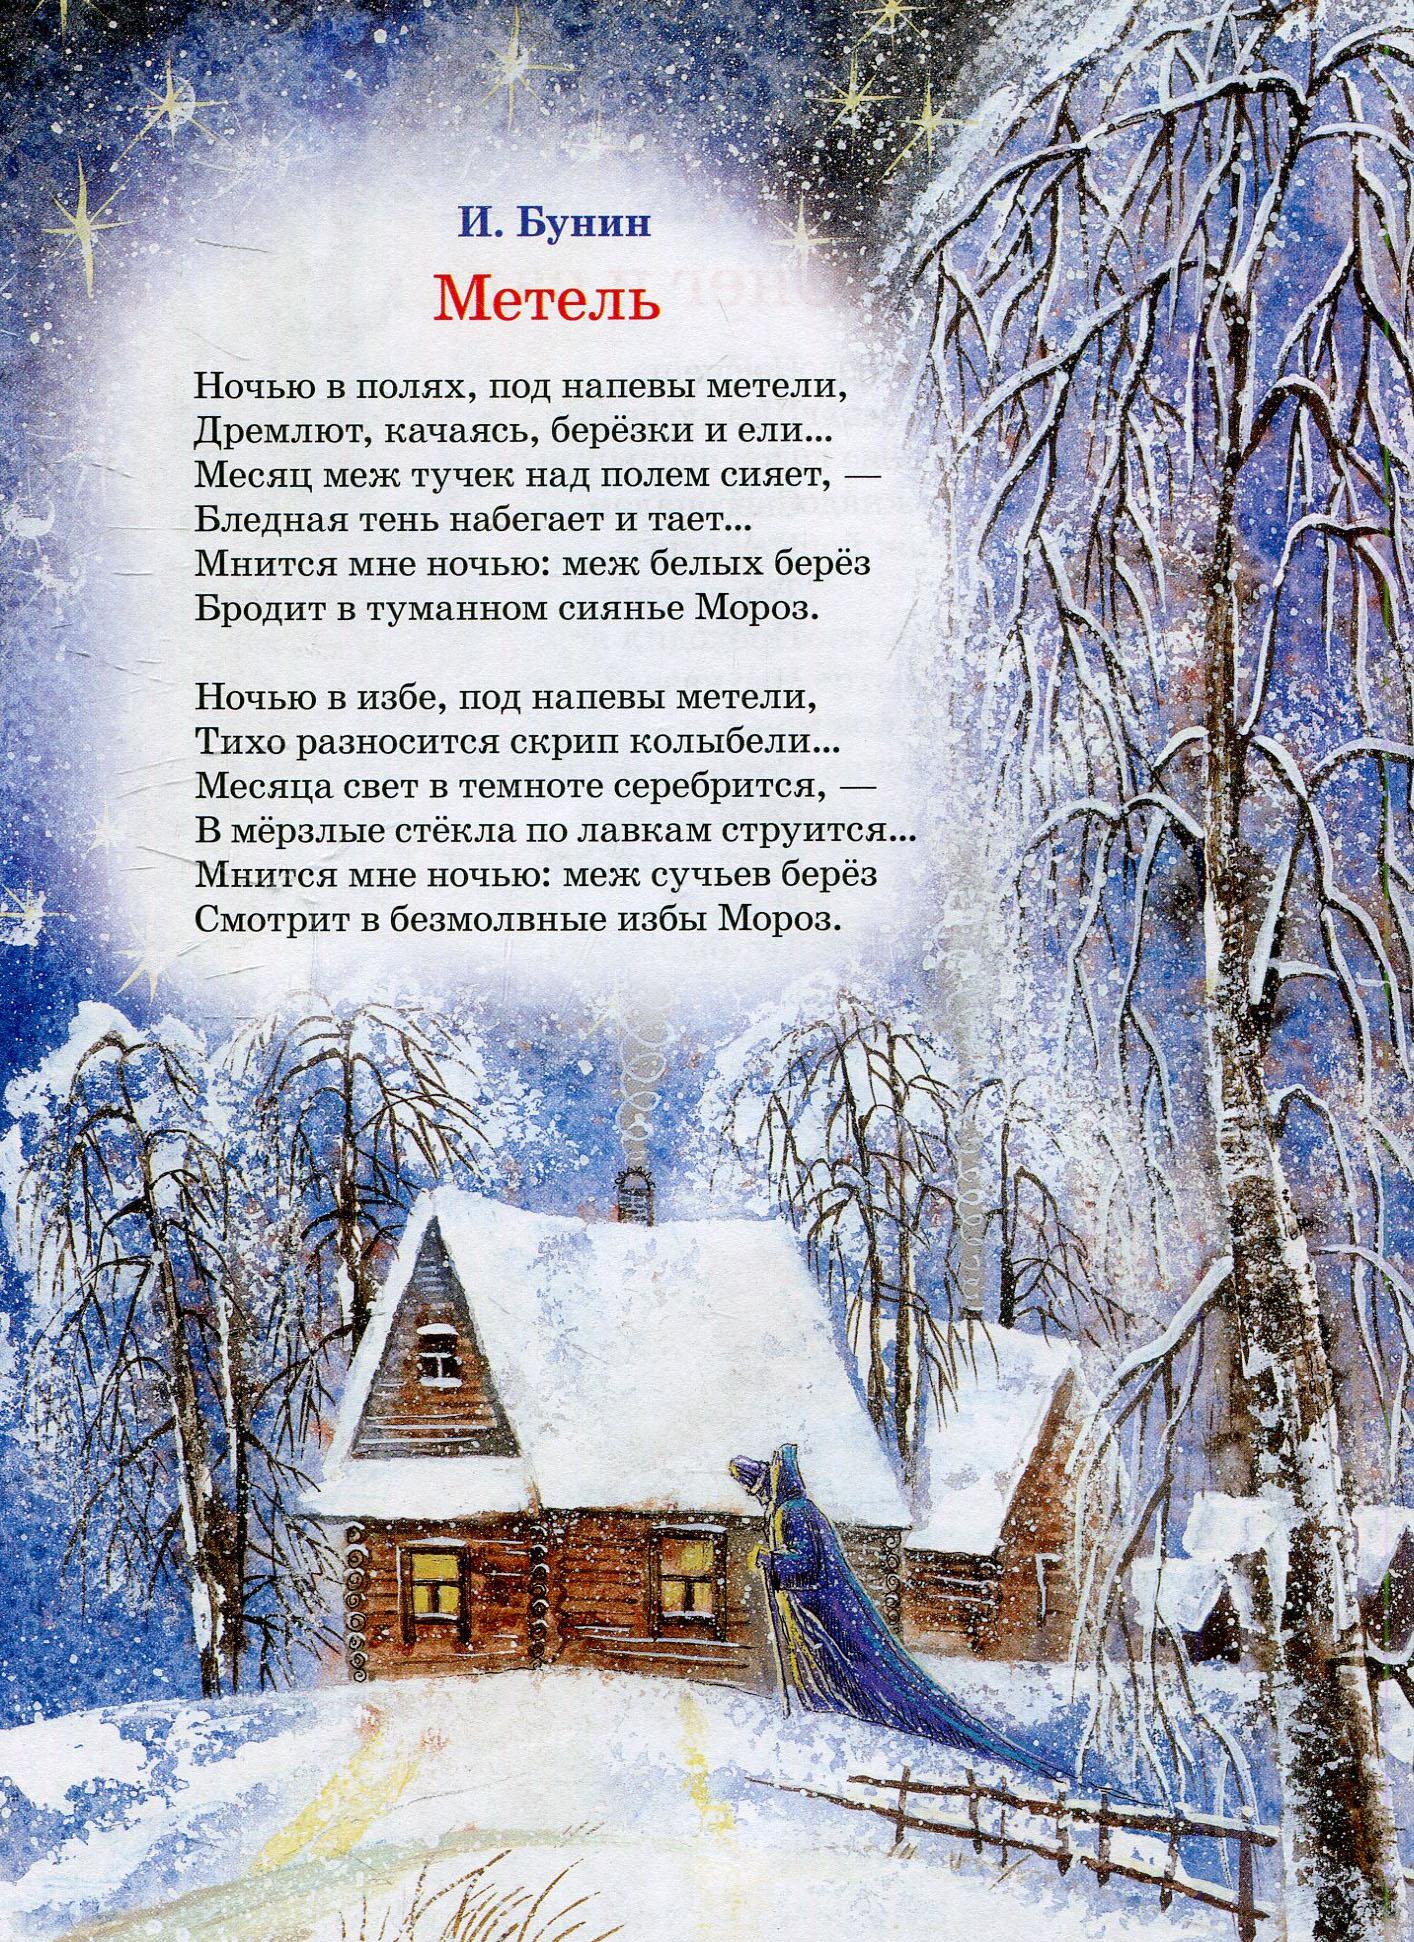 оба зимние новогодние стихи классиков мама такова тема